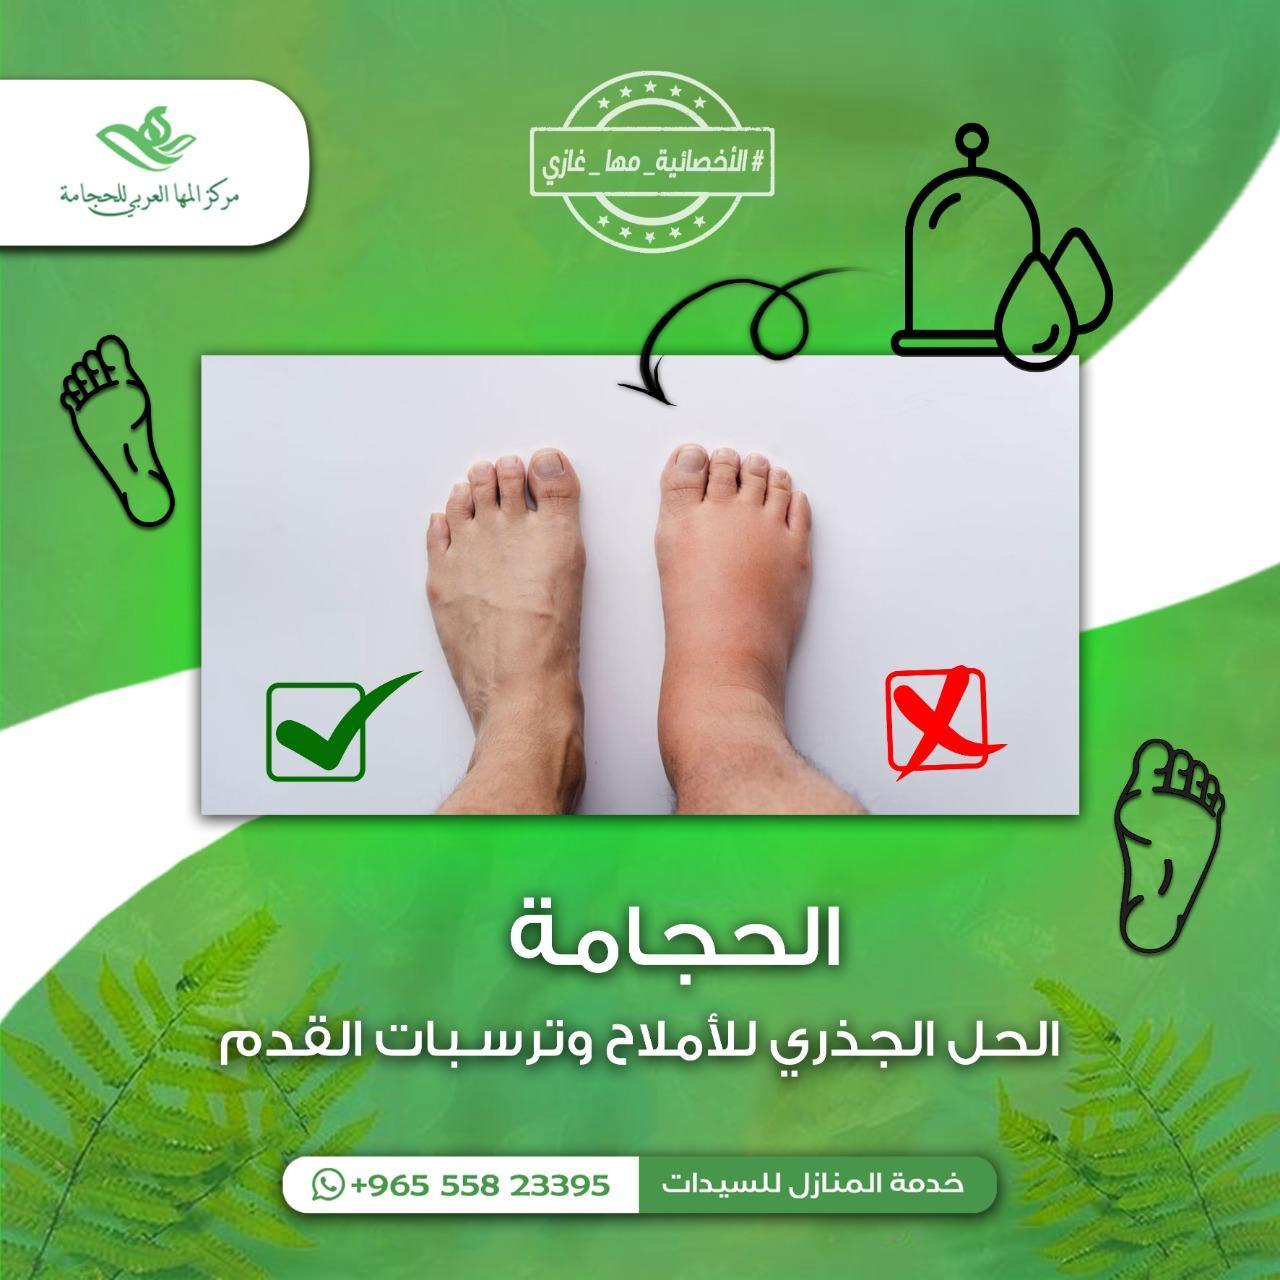 مركز المها العربي الكويت